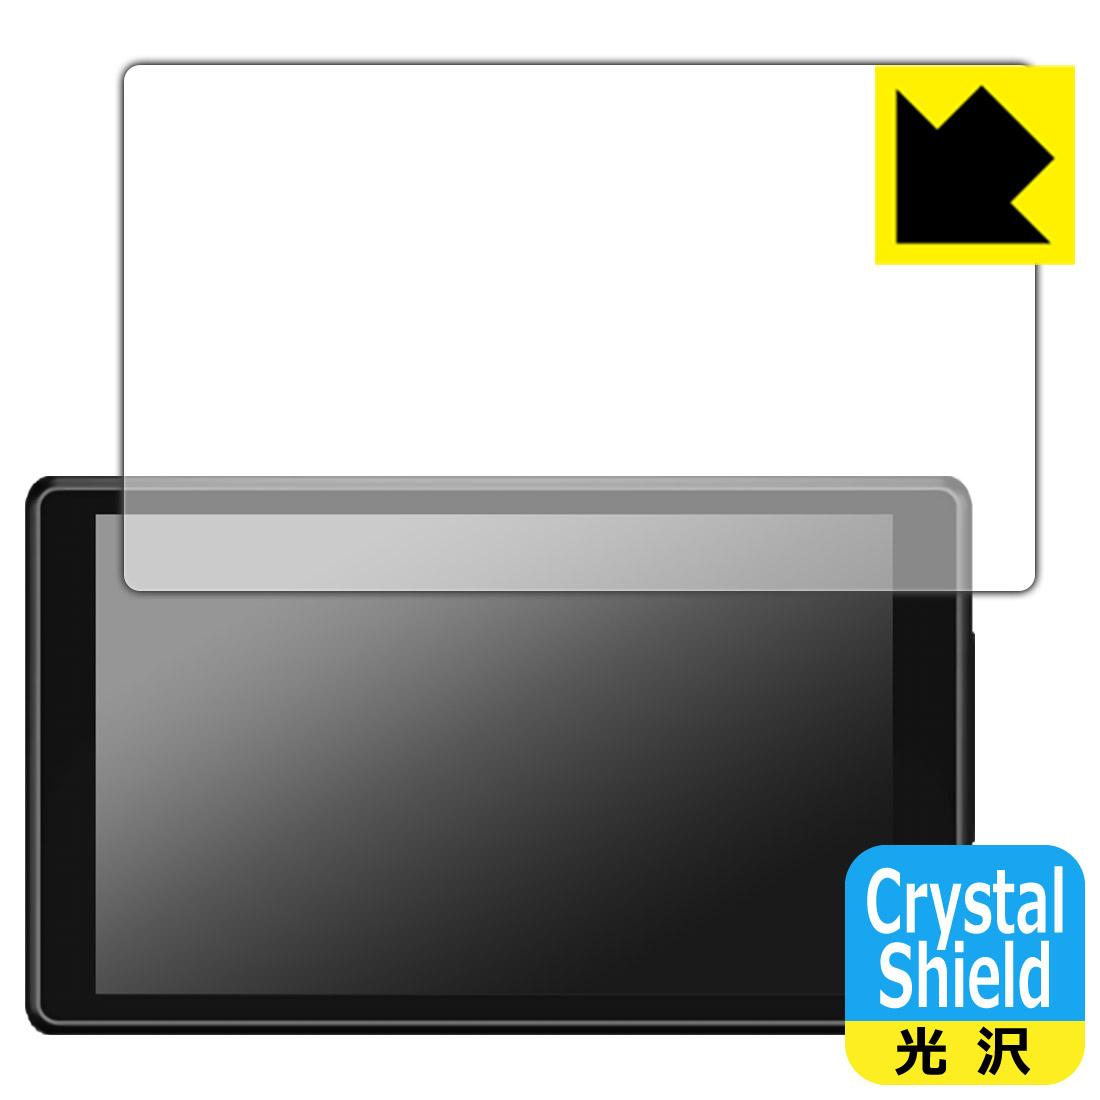 光沢タイプ GPSレーダー探知機 今だけ限定15%OFFクーポン発行中 激安超特価 霧島レイモデル Lei03 Lei03+ Lei04 Lei05 保護シート 専用保護フィルム Shield smtb-kd Crystal